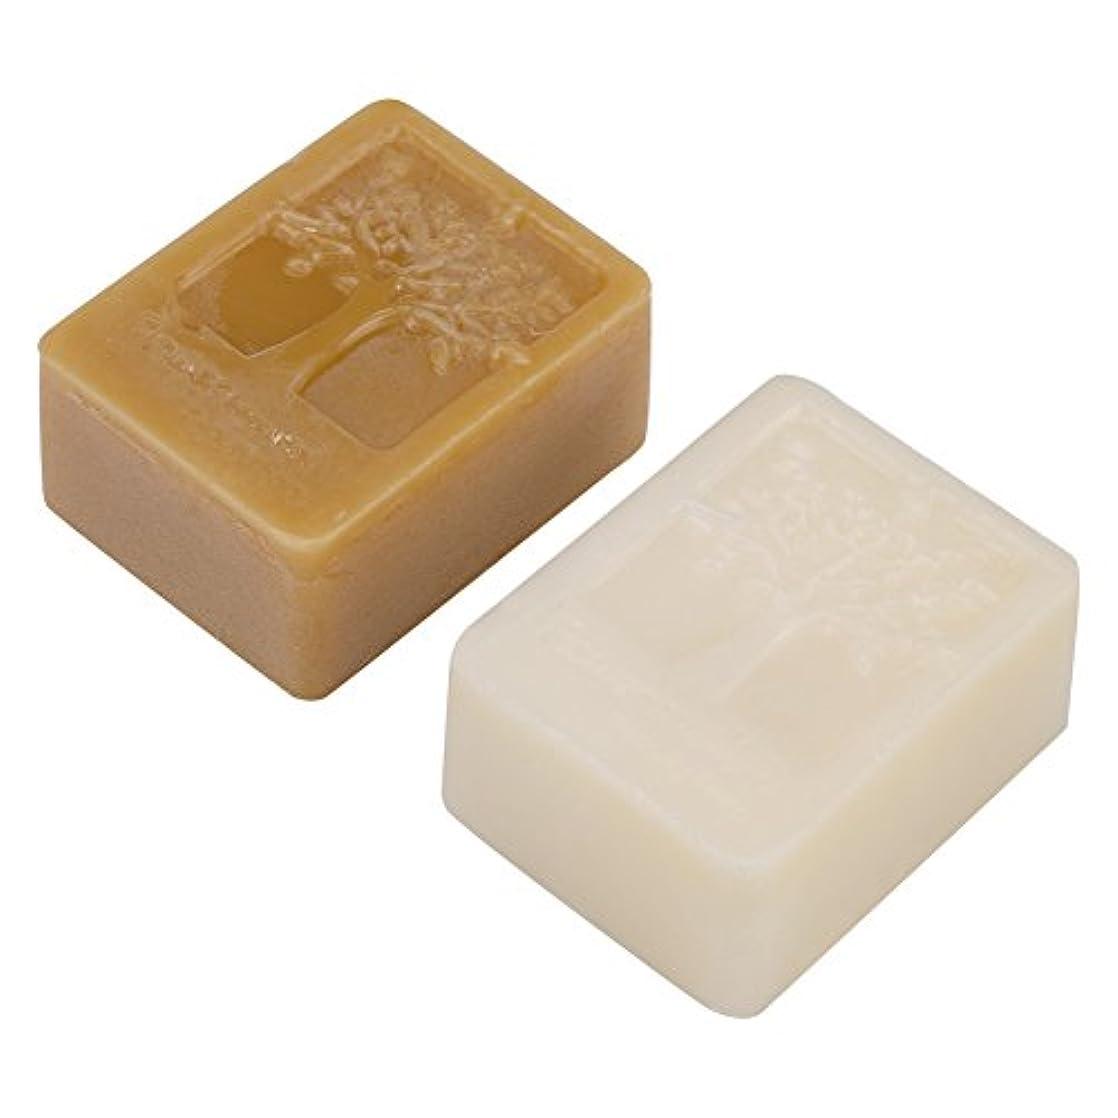 マイルド出発立方体純粋な100g / 3.5oz白い蜜蝋ブロック+ 100g / 3.5oz黄色の蜜蝋石鹸、食品等級